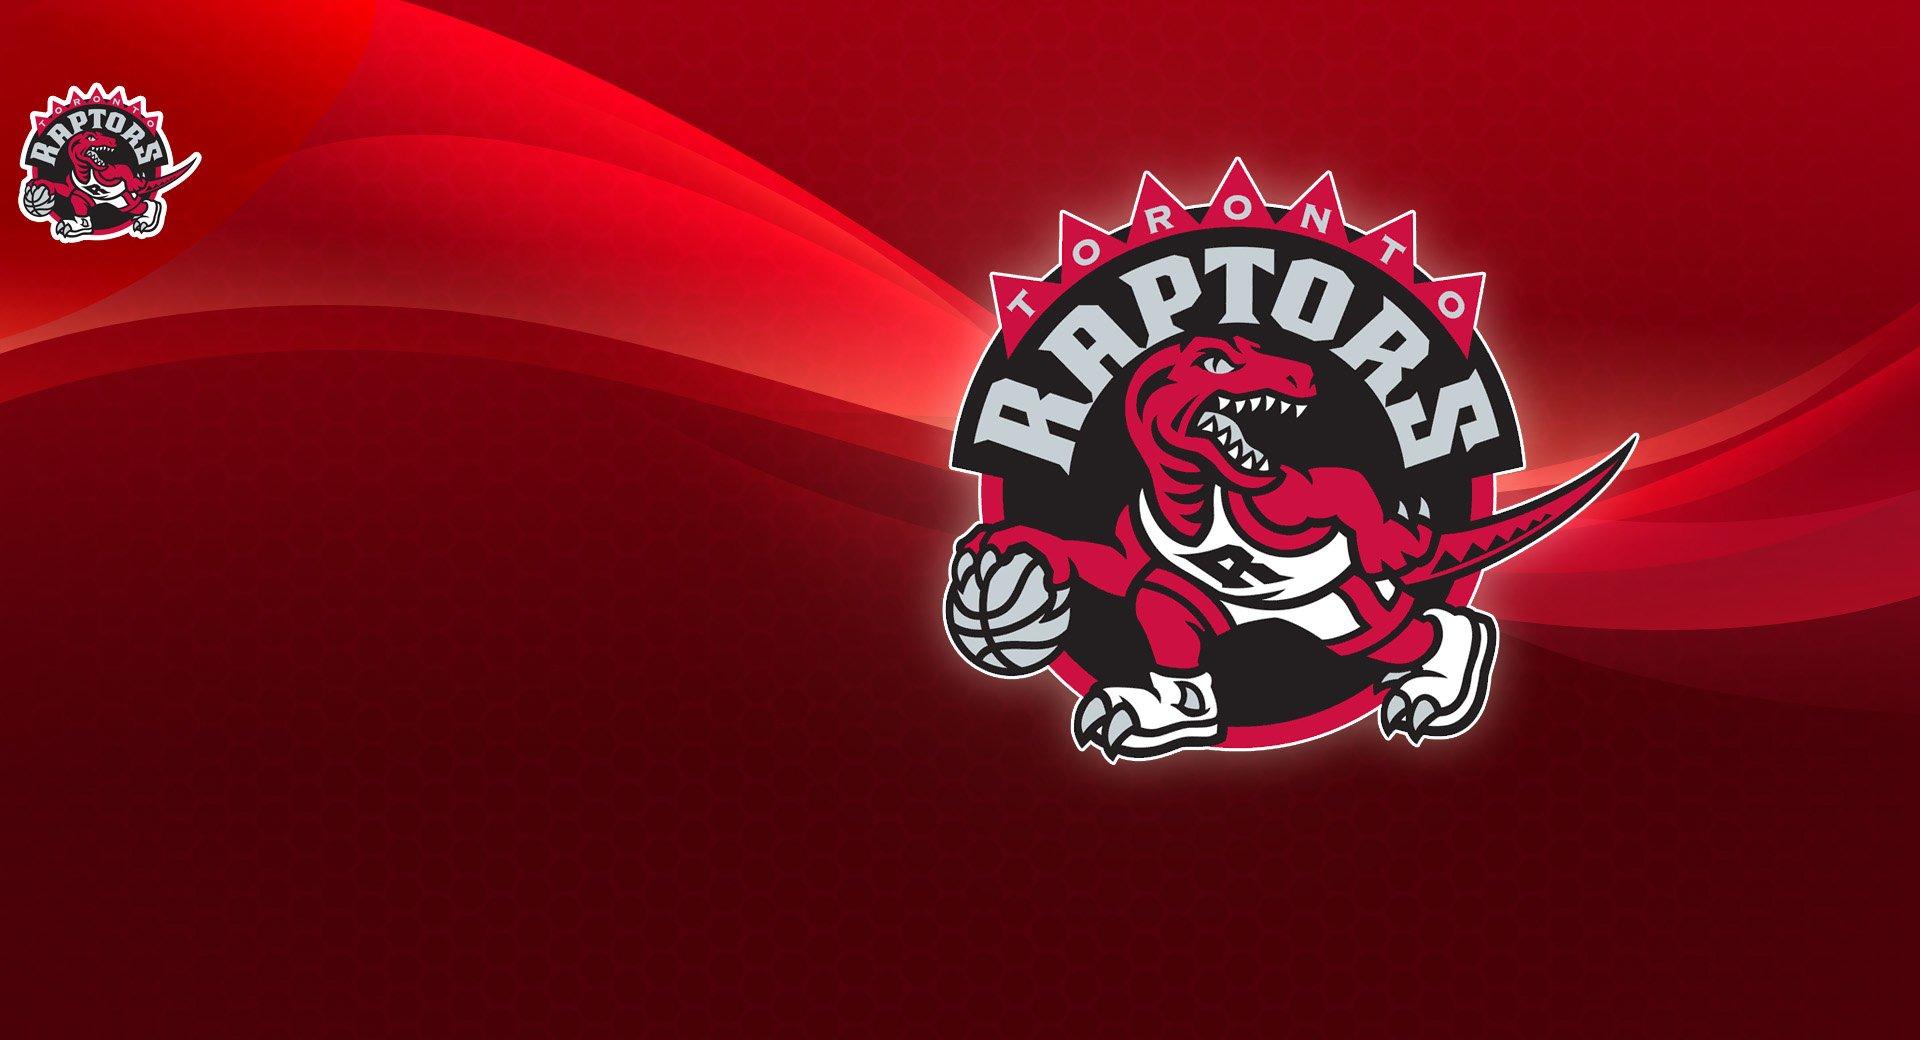 Toronto raptors iphone wallpaper wallpapersafari - Toronto raptors logo wallpaper ...